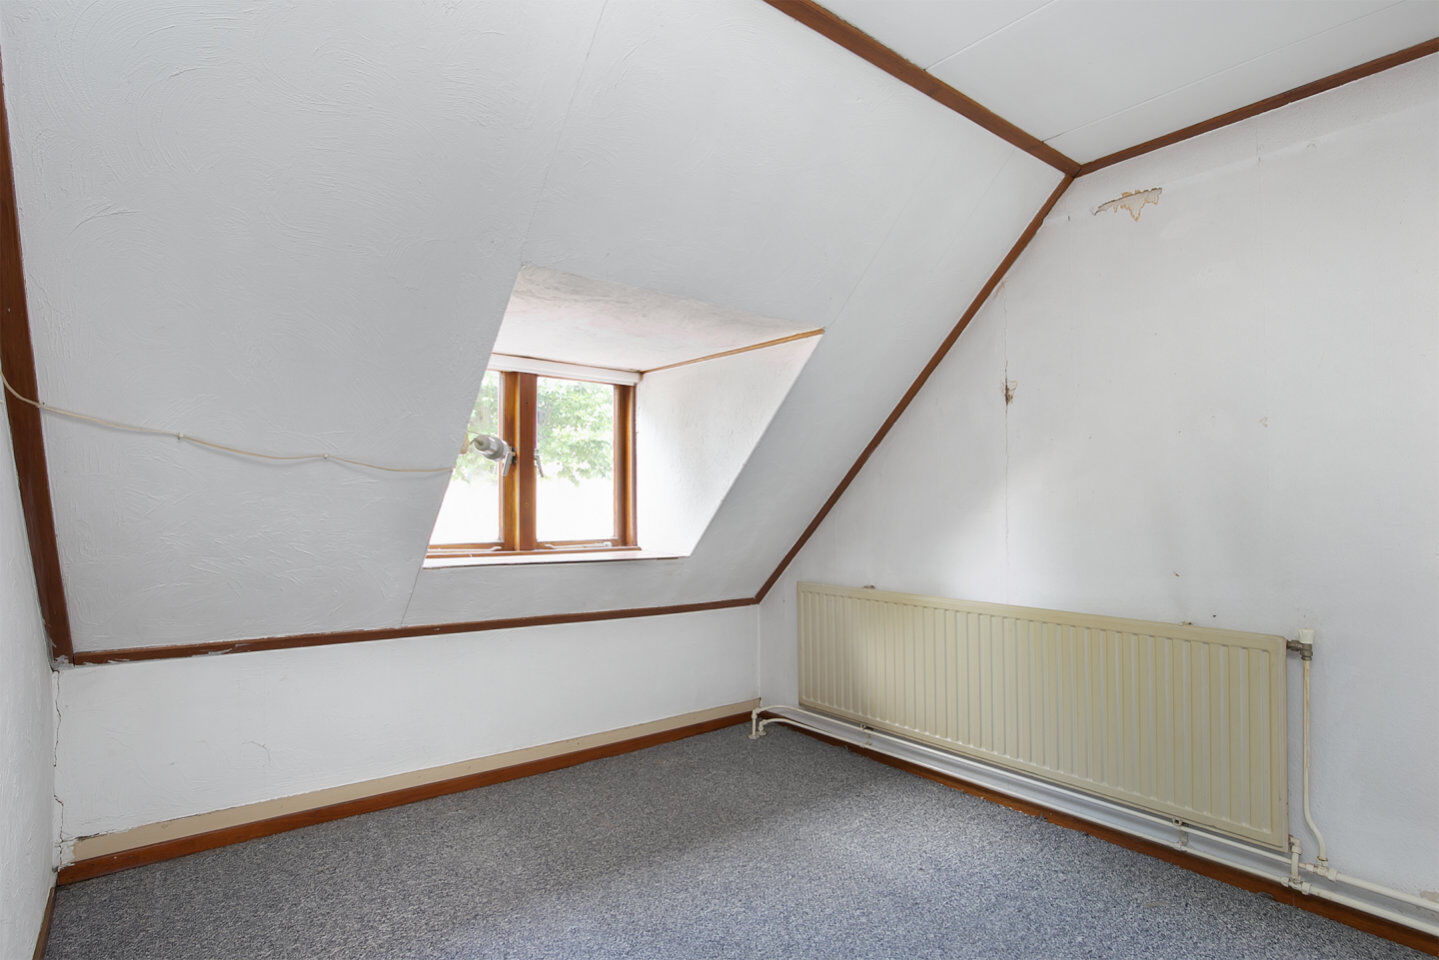 17646-wouwsestraat_17-steenbergen-1245064341